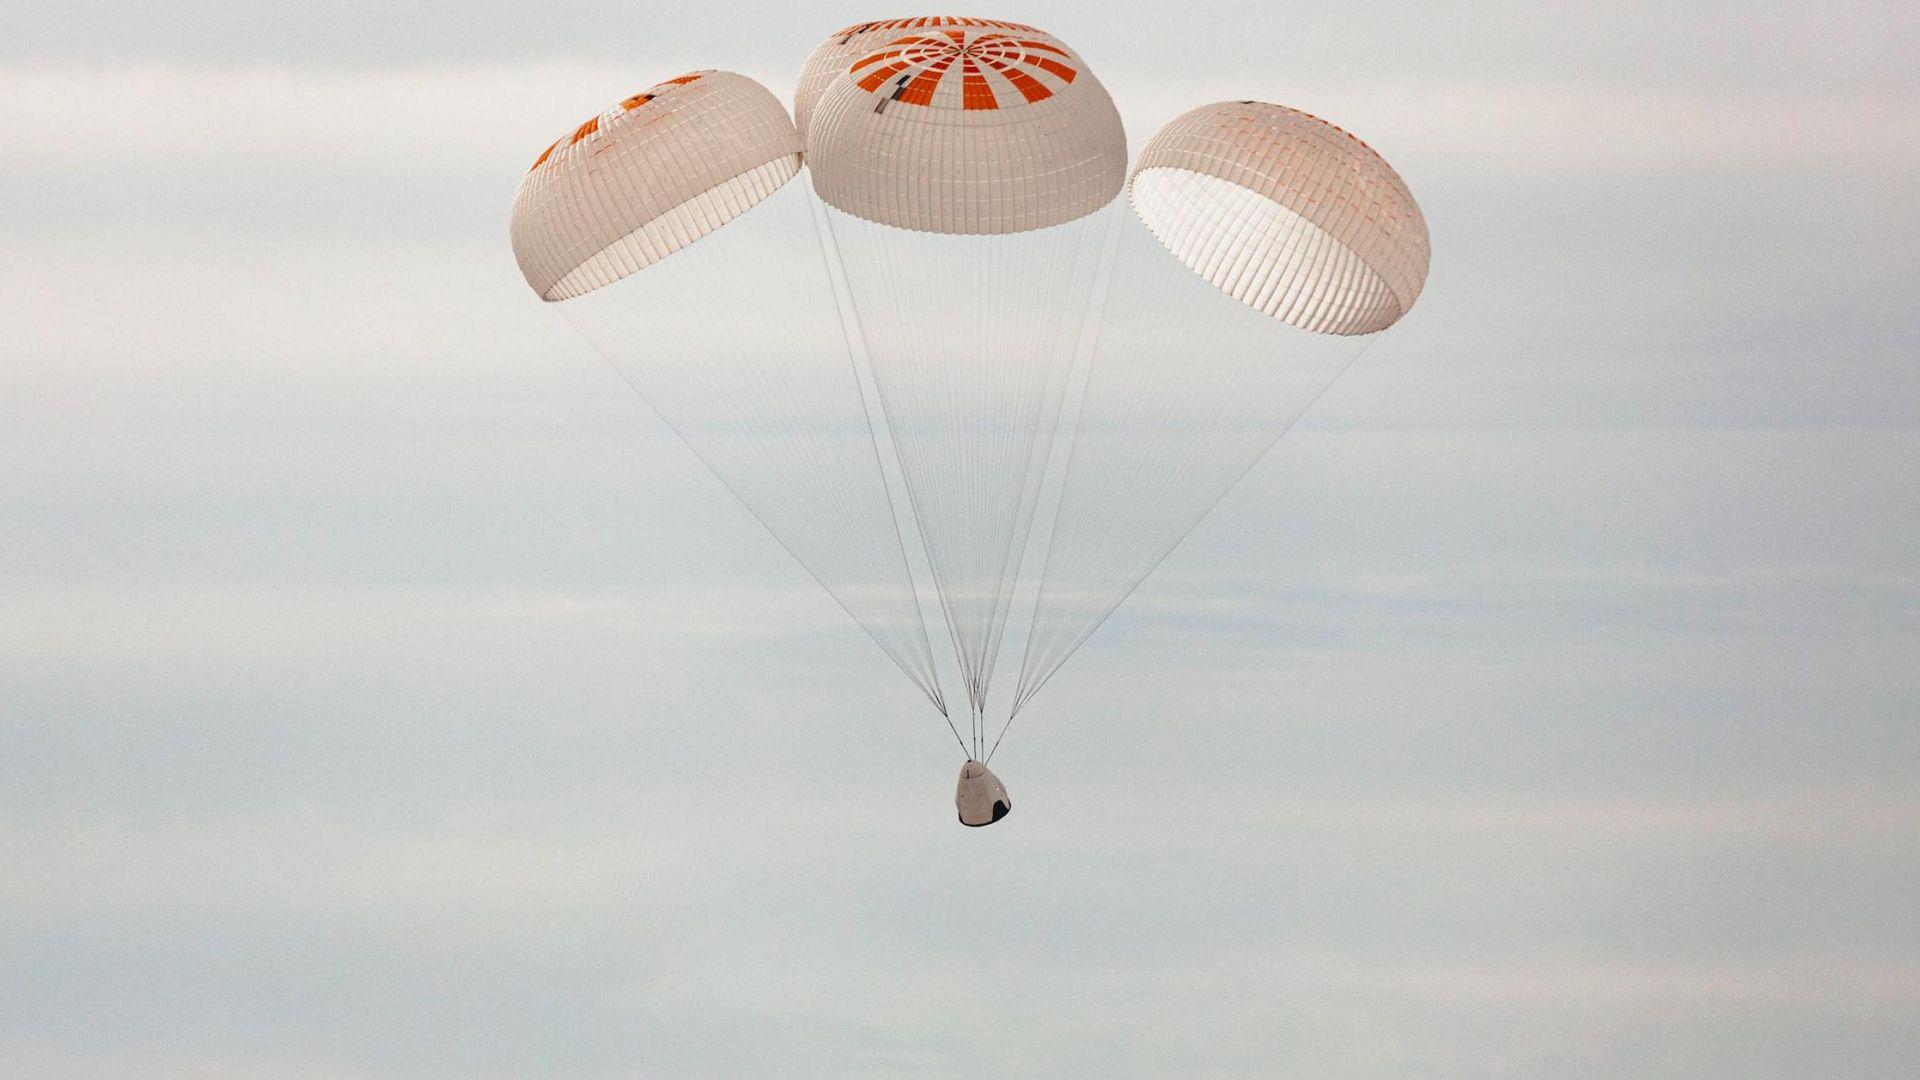 Парашутите дестабилизираха космически кораб на SpaceX